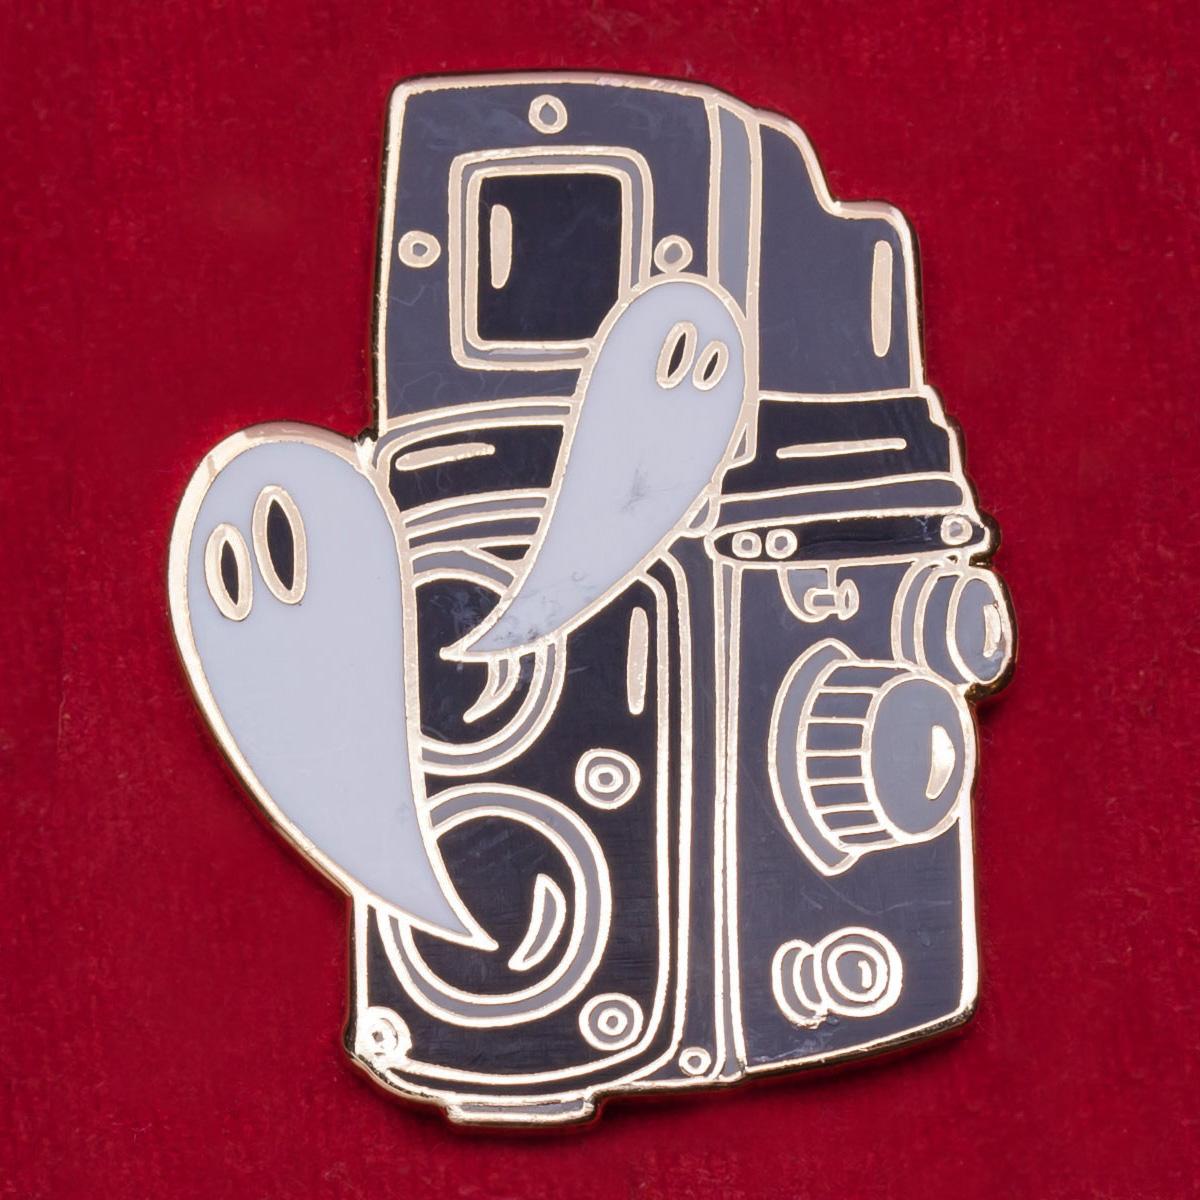 Оригинальный значок с винтажной камерой Rolleiflex